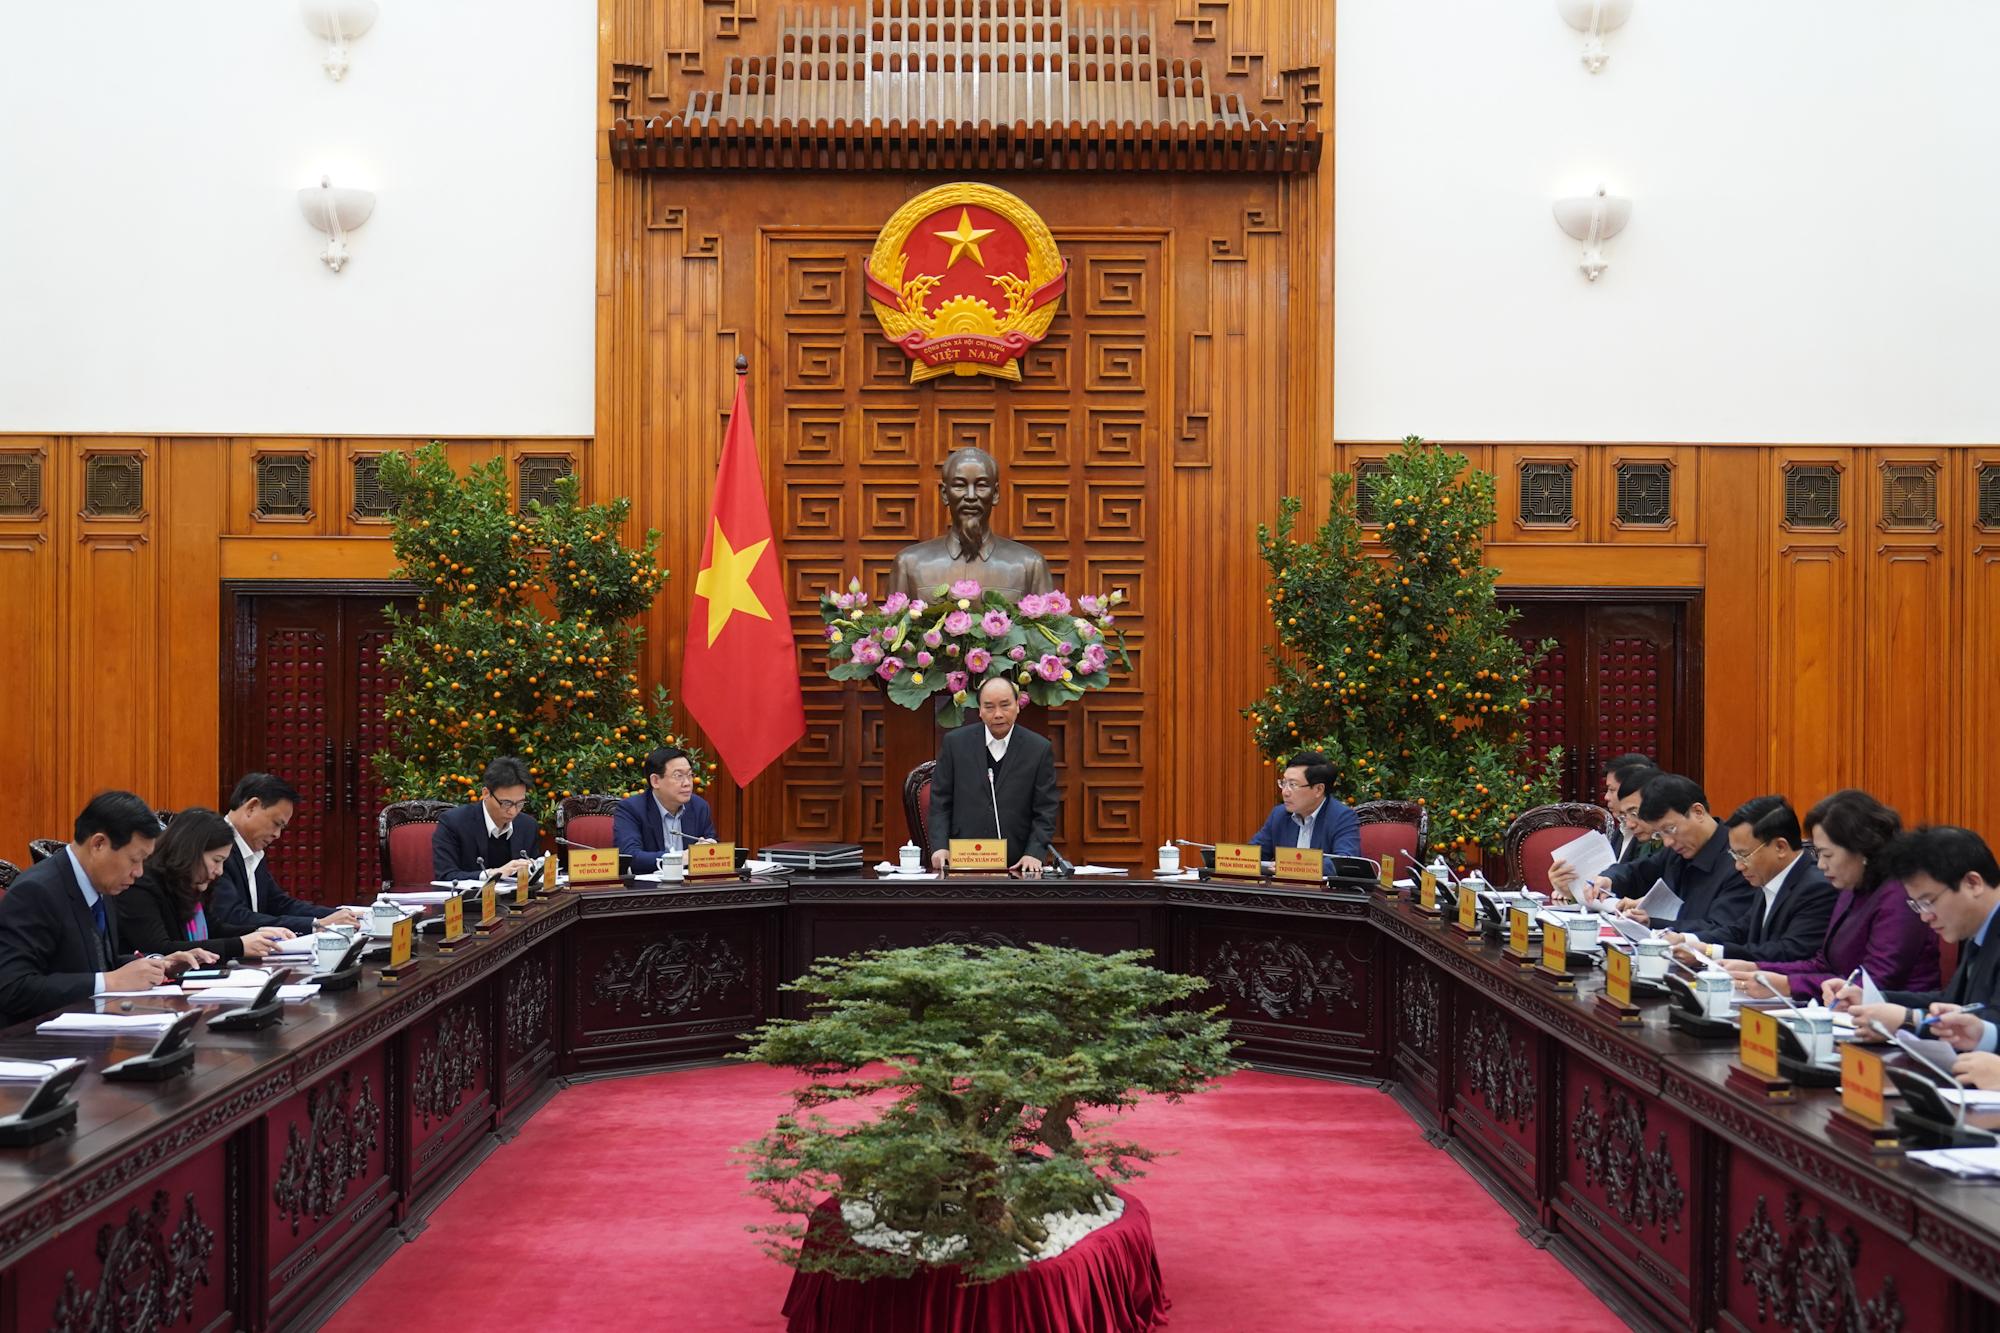 Thủ tướng nhấn mạnh các đơn vị liên quan cần tạo không khí vui tươi để người dân đón xuân. Ảnh: VGP/Quang Hiếu